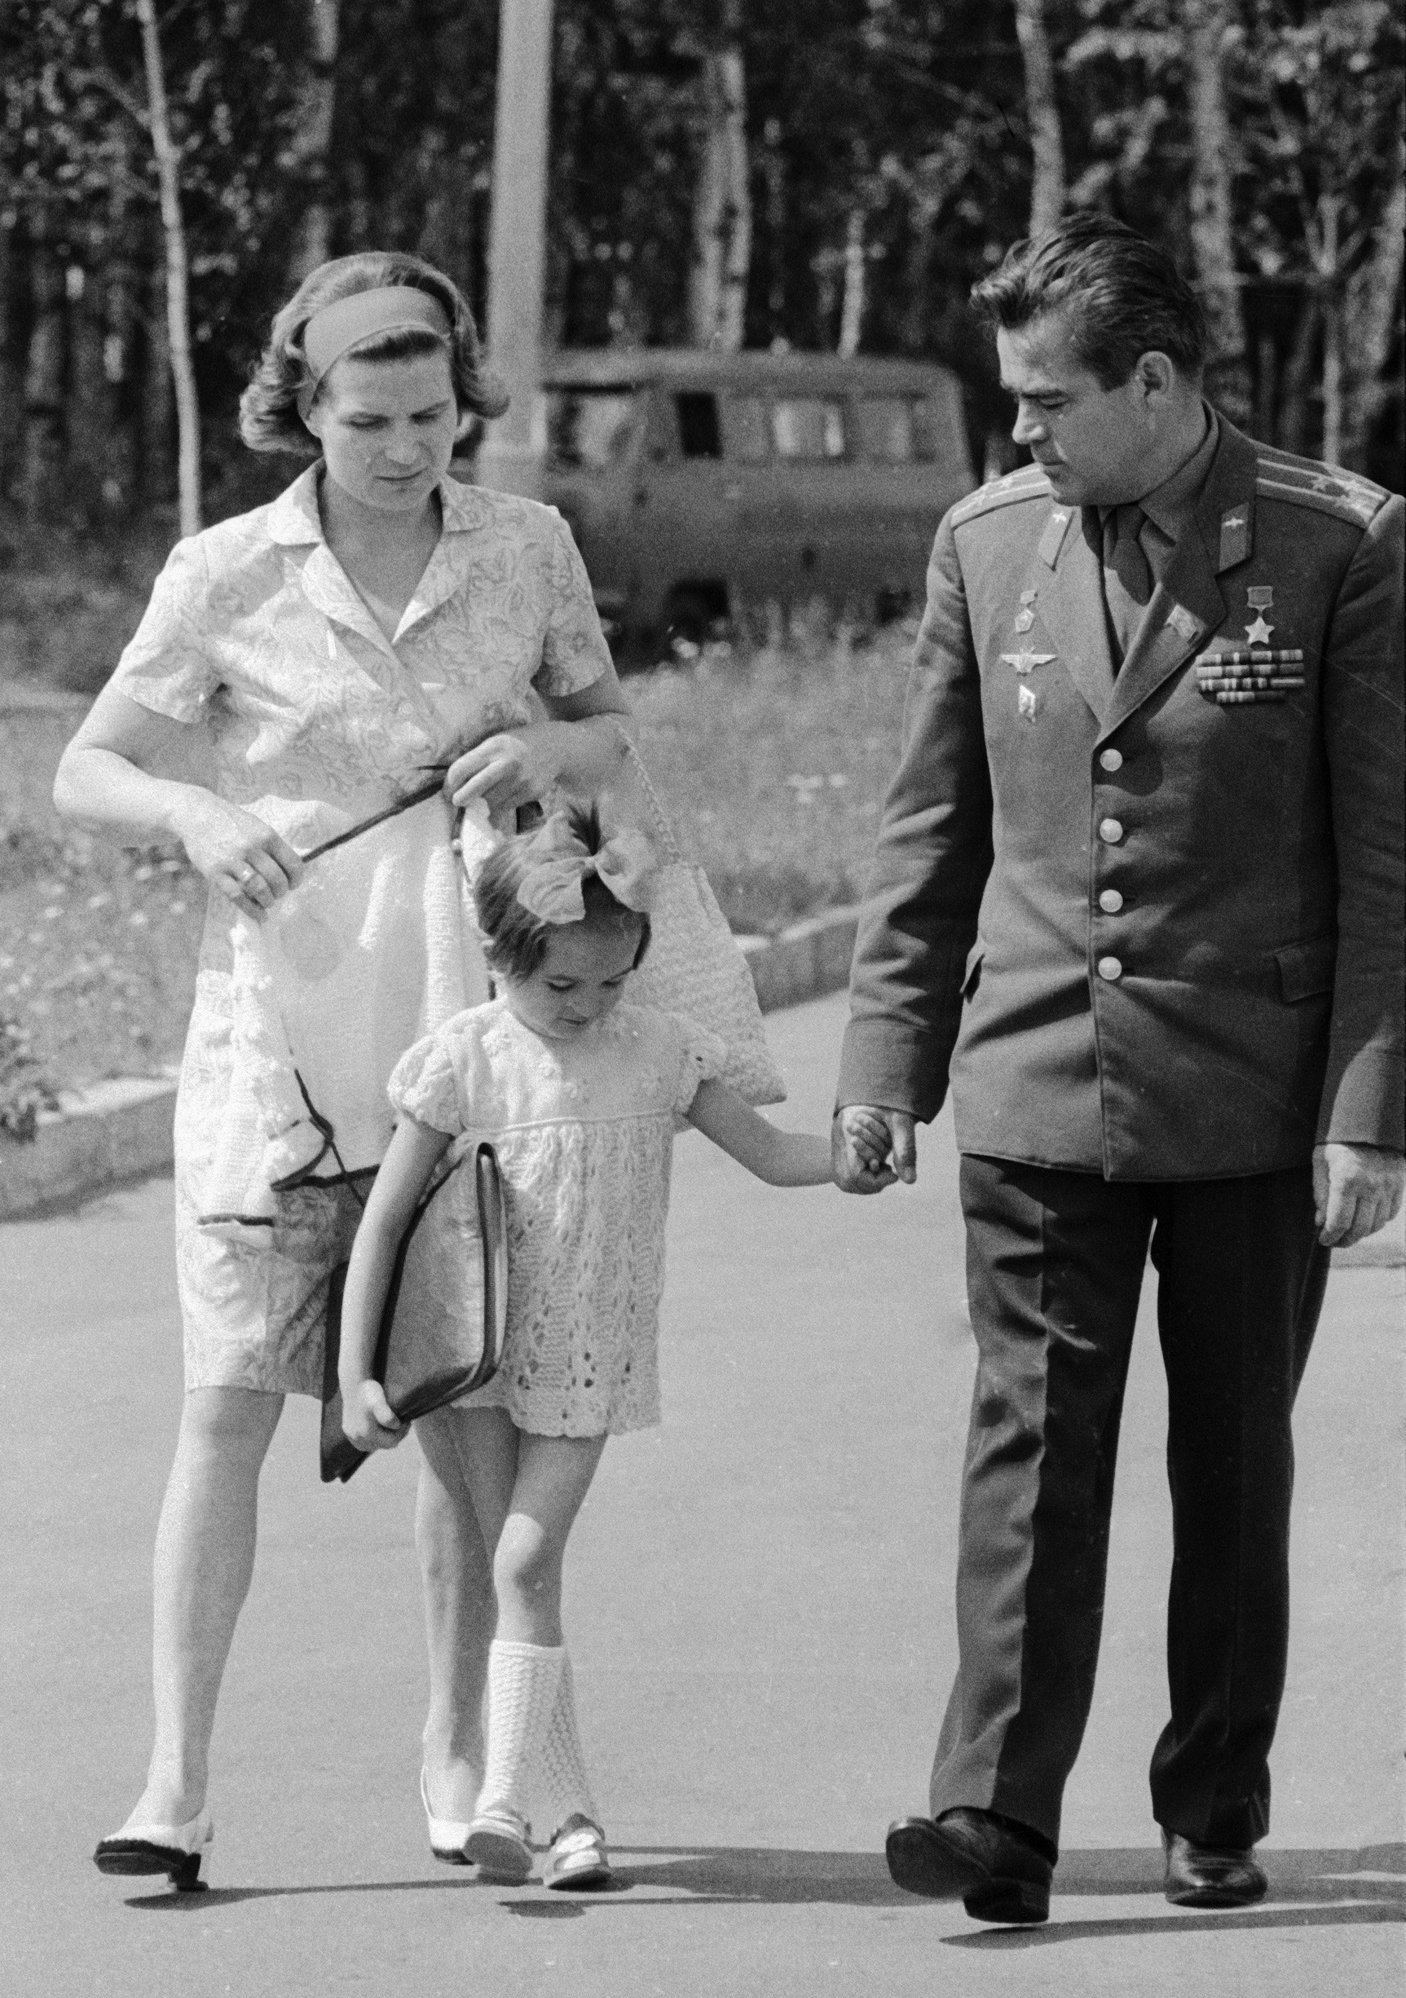 николай халип фото биография личная жизнь семья фото уже видны